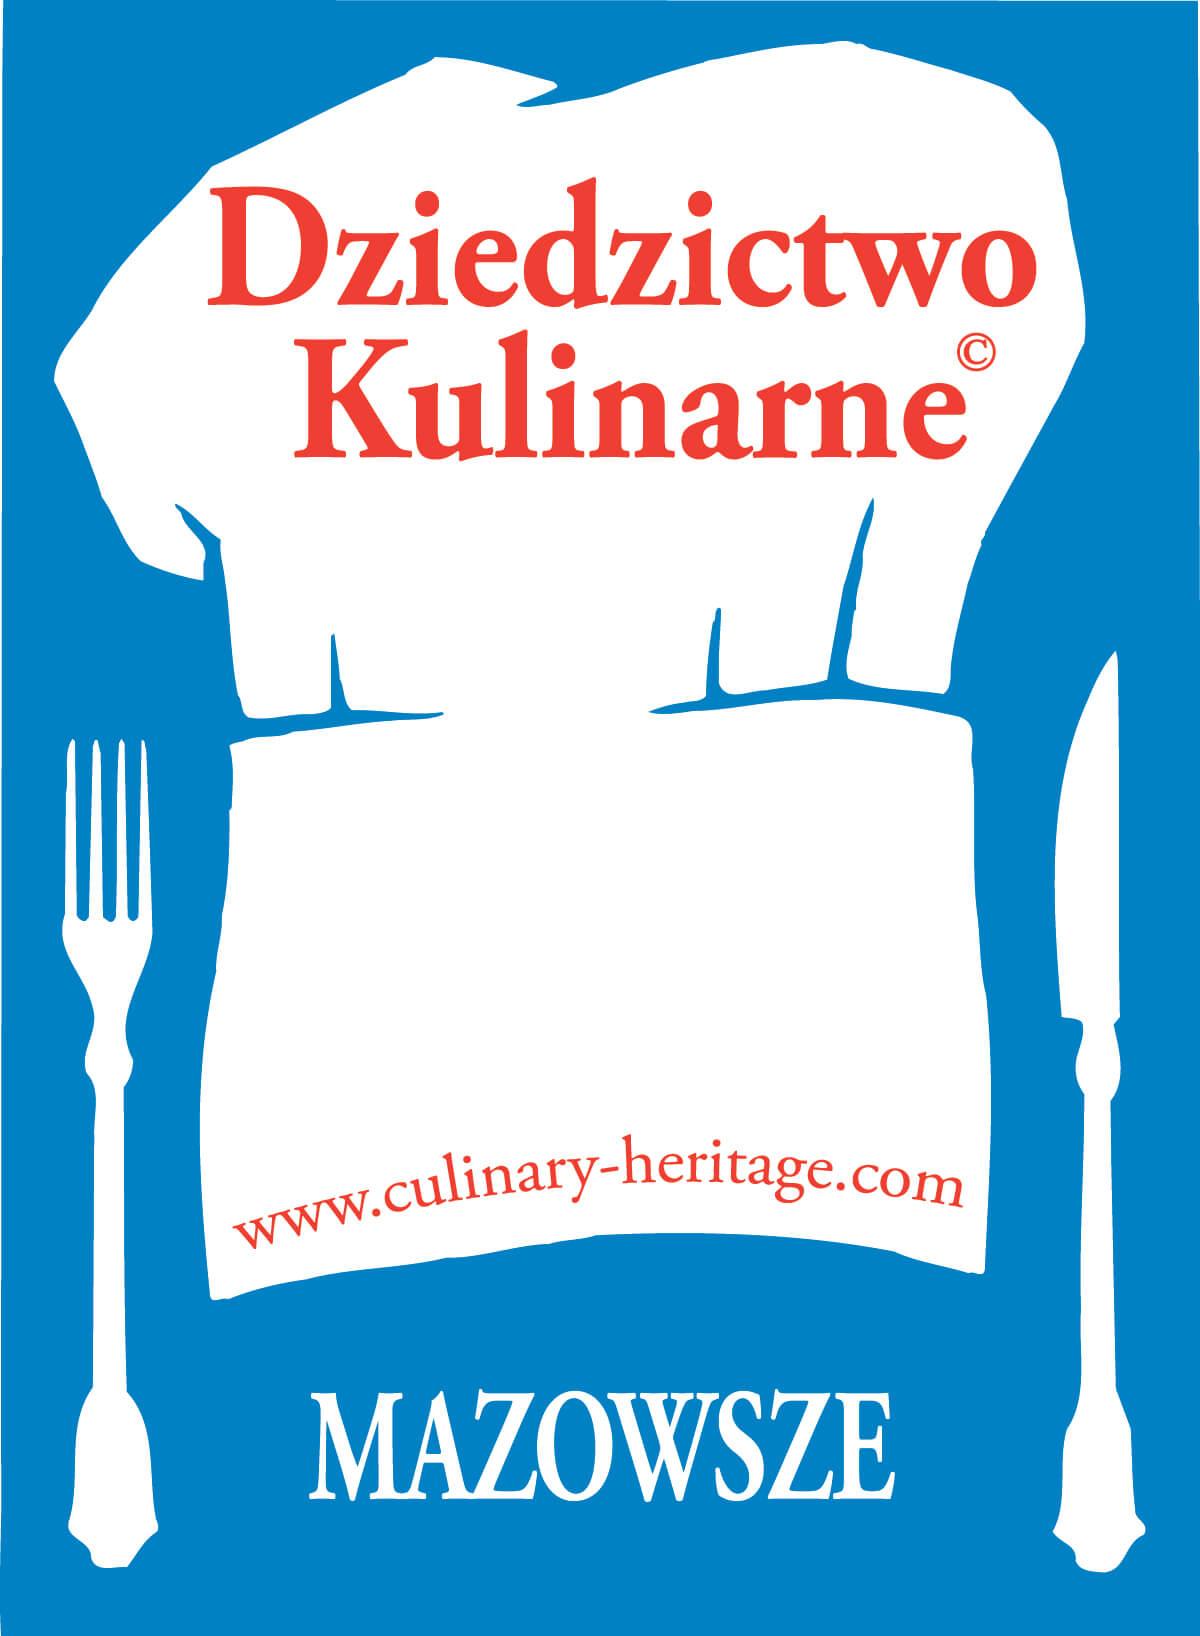 Logo Sieci Dziedzictwa Kulinarnego Mazowsze